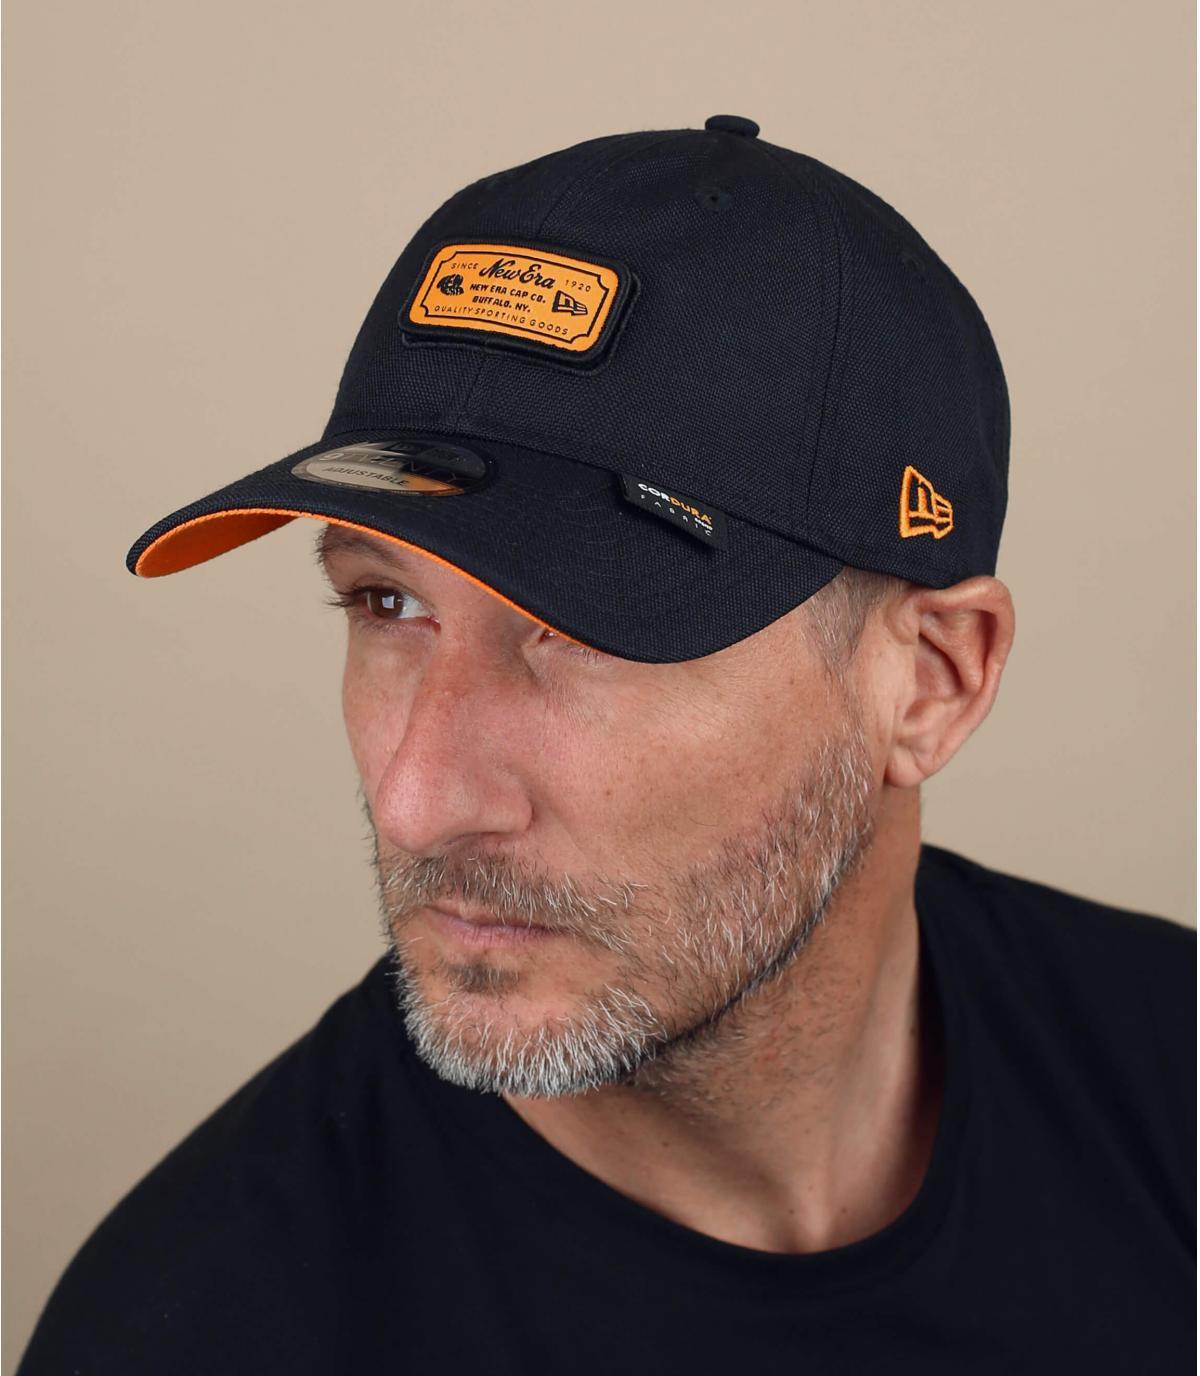 cappellino New Era nero e arancione